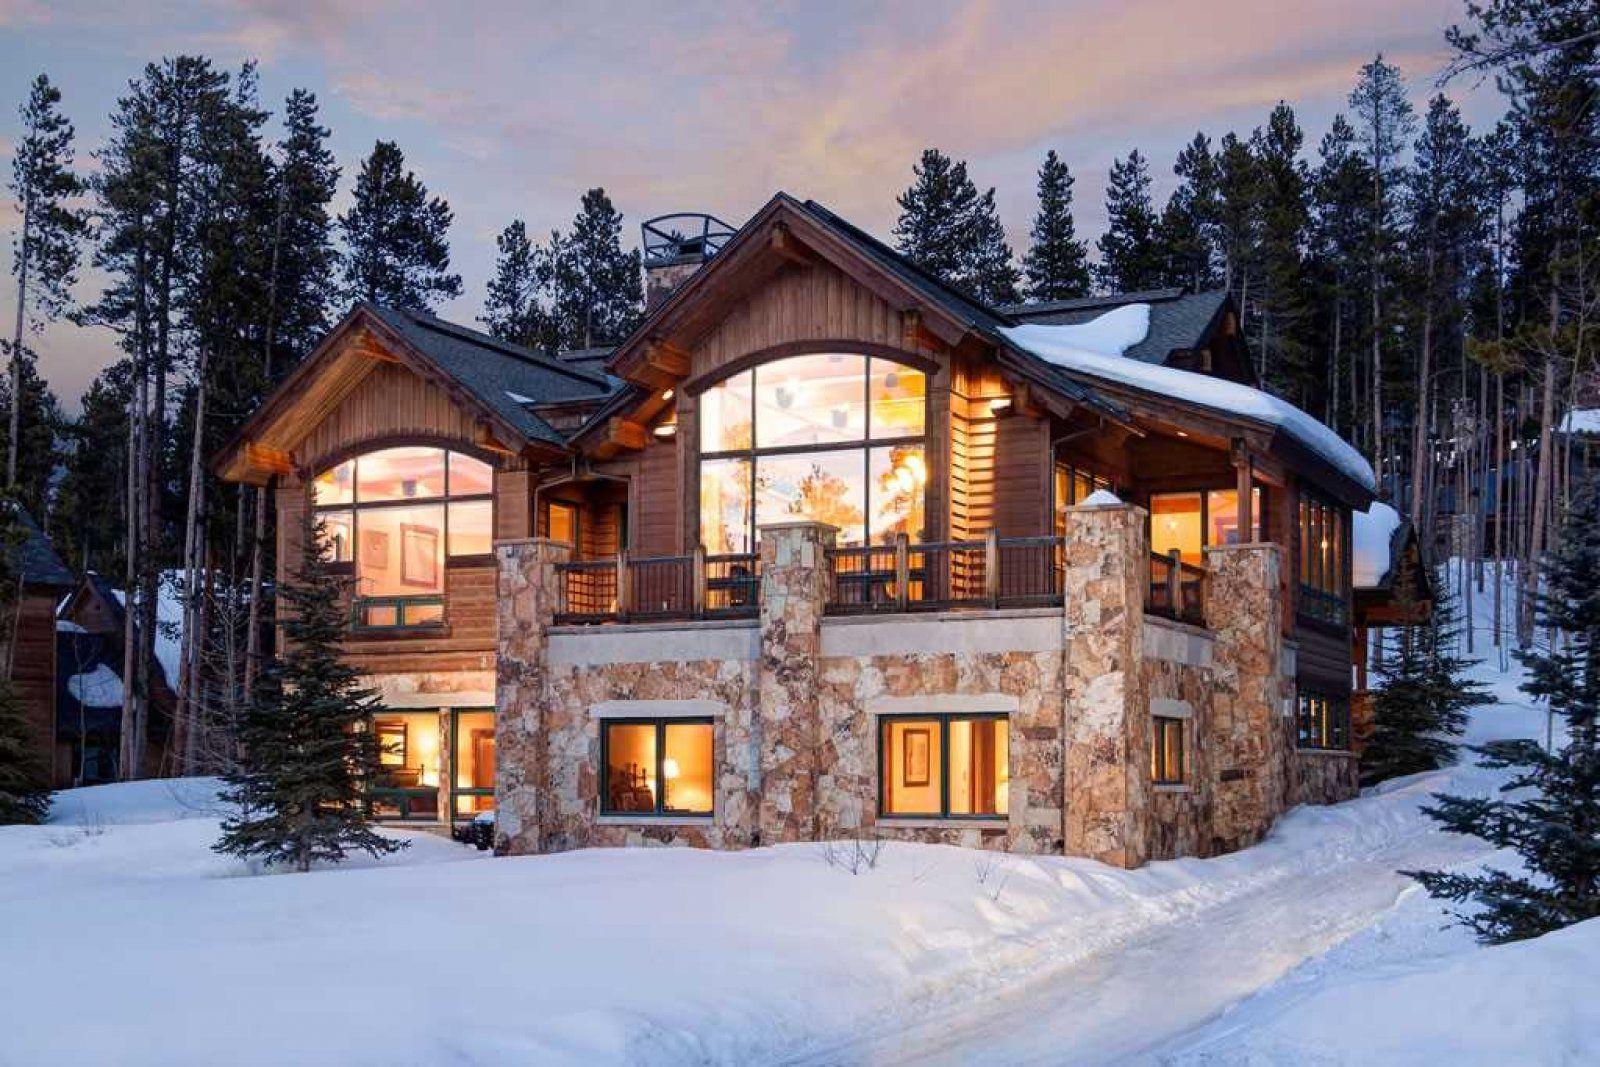 Breck mountain lodge breckenridge vacation villa in 2020